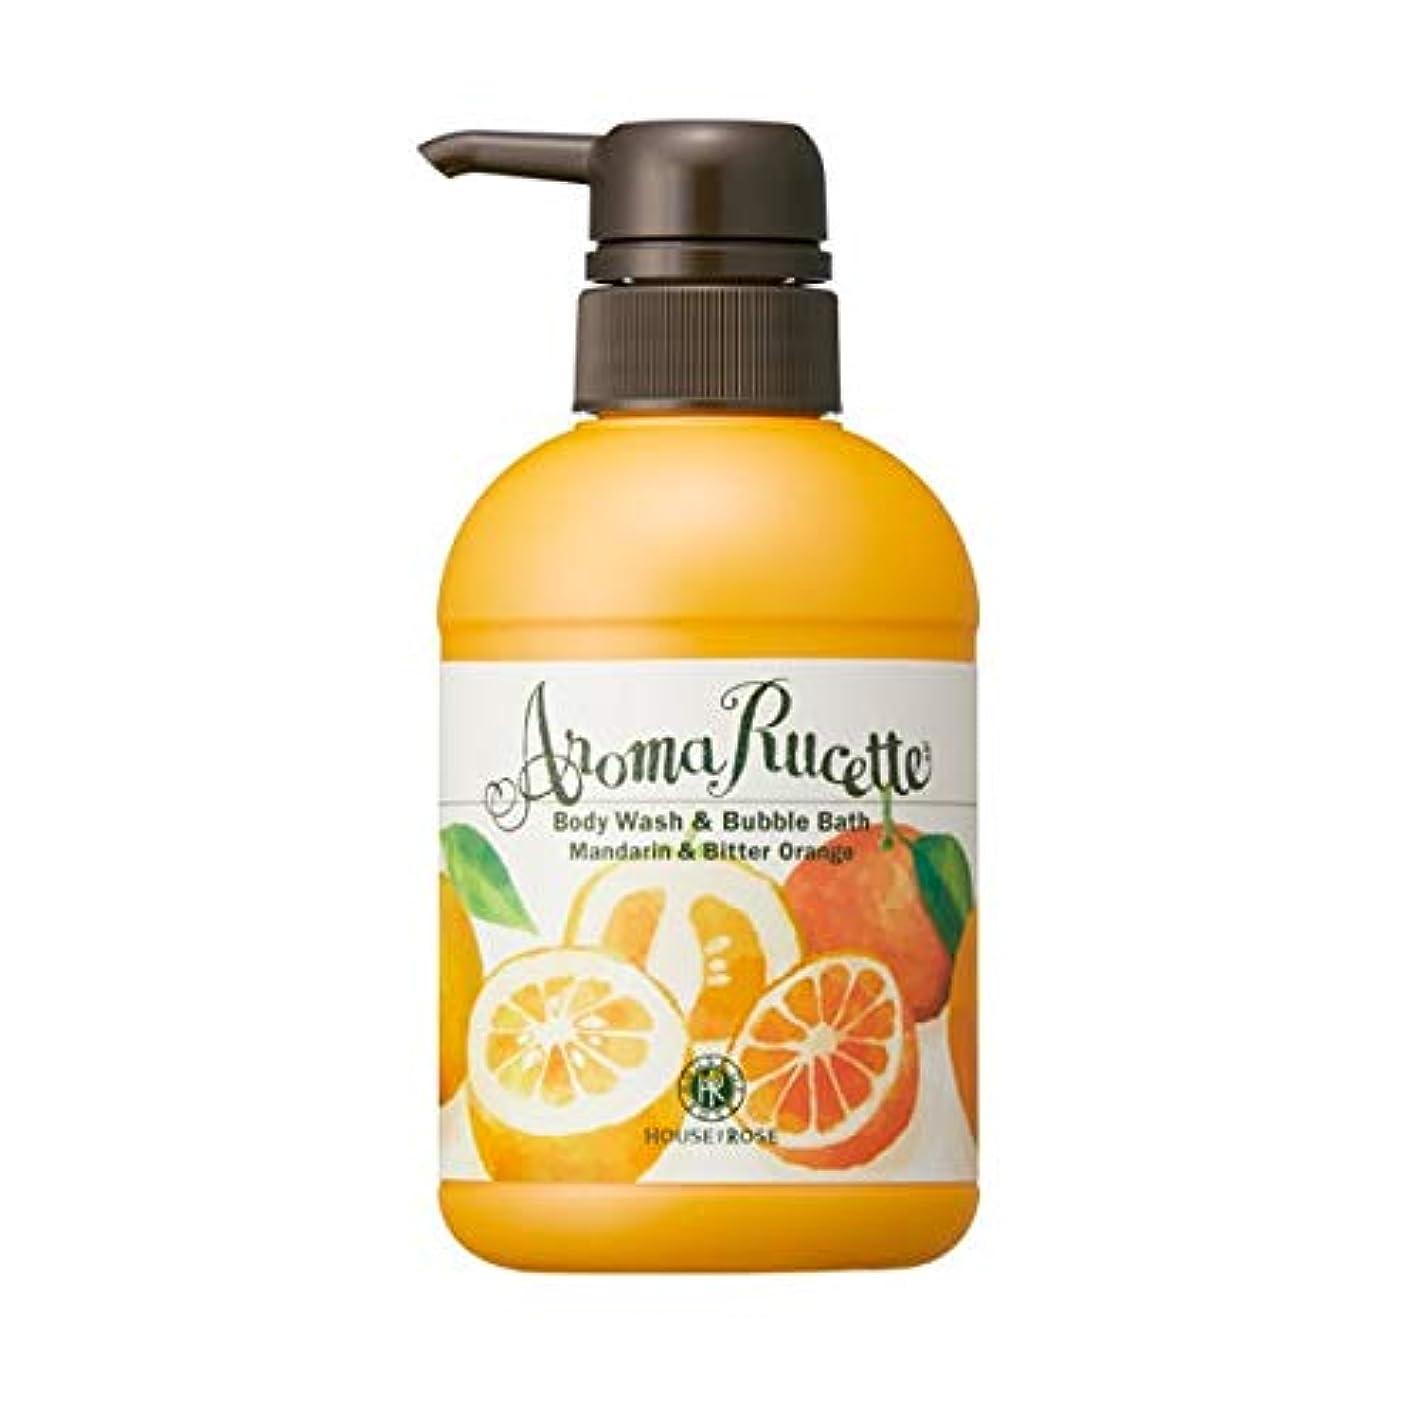 一致する撤回する寂しいHOUSE OF ROSE(ハウスオブローゼ) ハウスオブローゼ/アロマルセット ボディウォッシュ&バブルバス MD&BO(マンダリン&ビターオレンジの香り)350mL